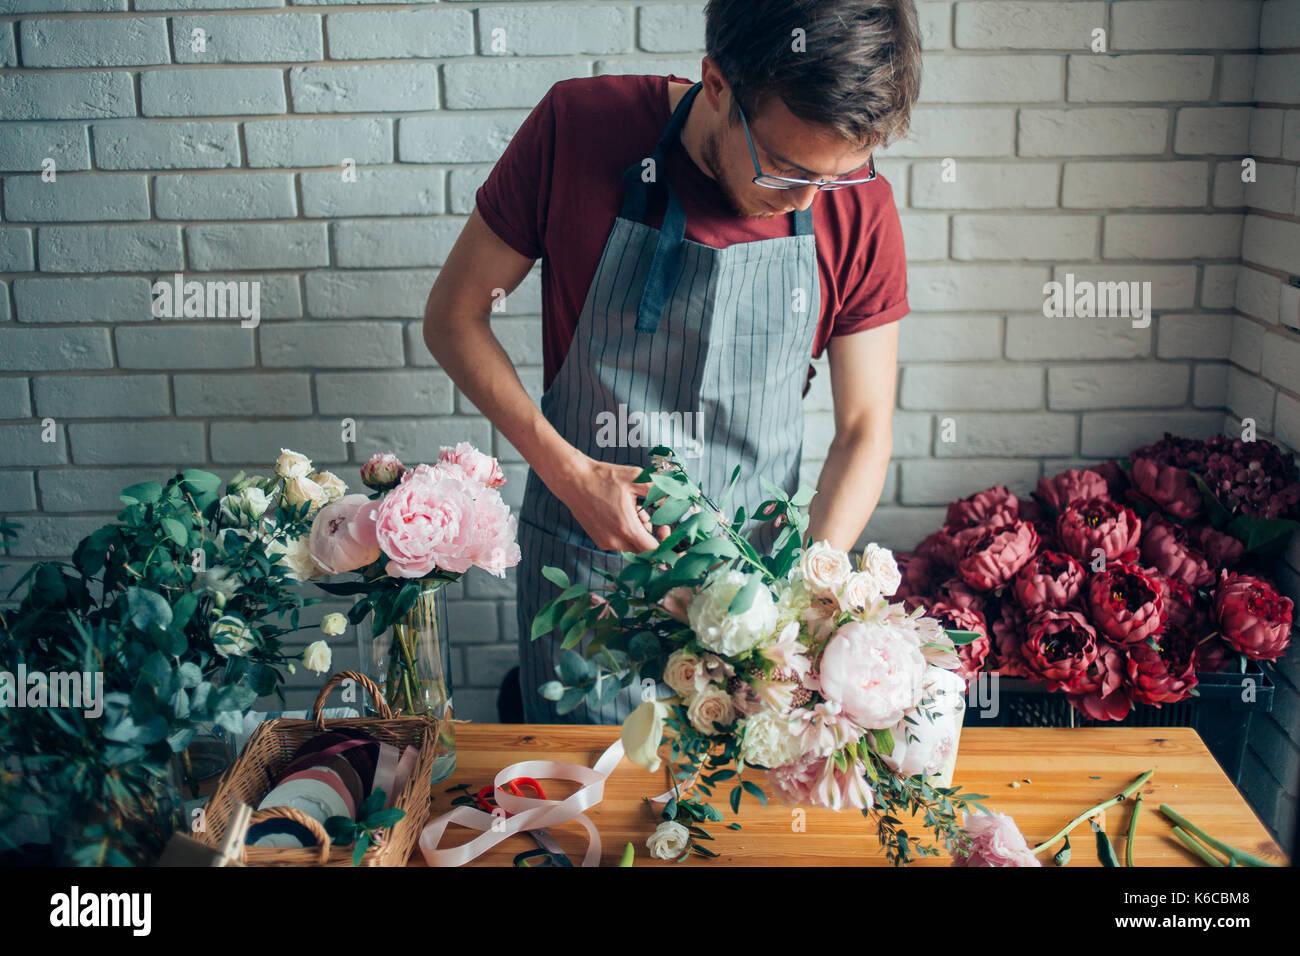 Giovane maschio fioraio funzionante a contatore nel negozio di fiori Immagini Stock